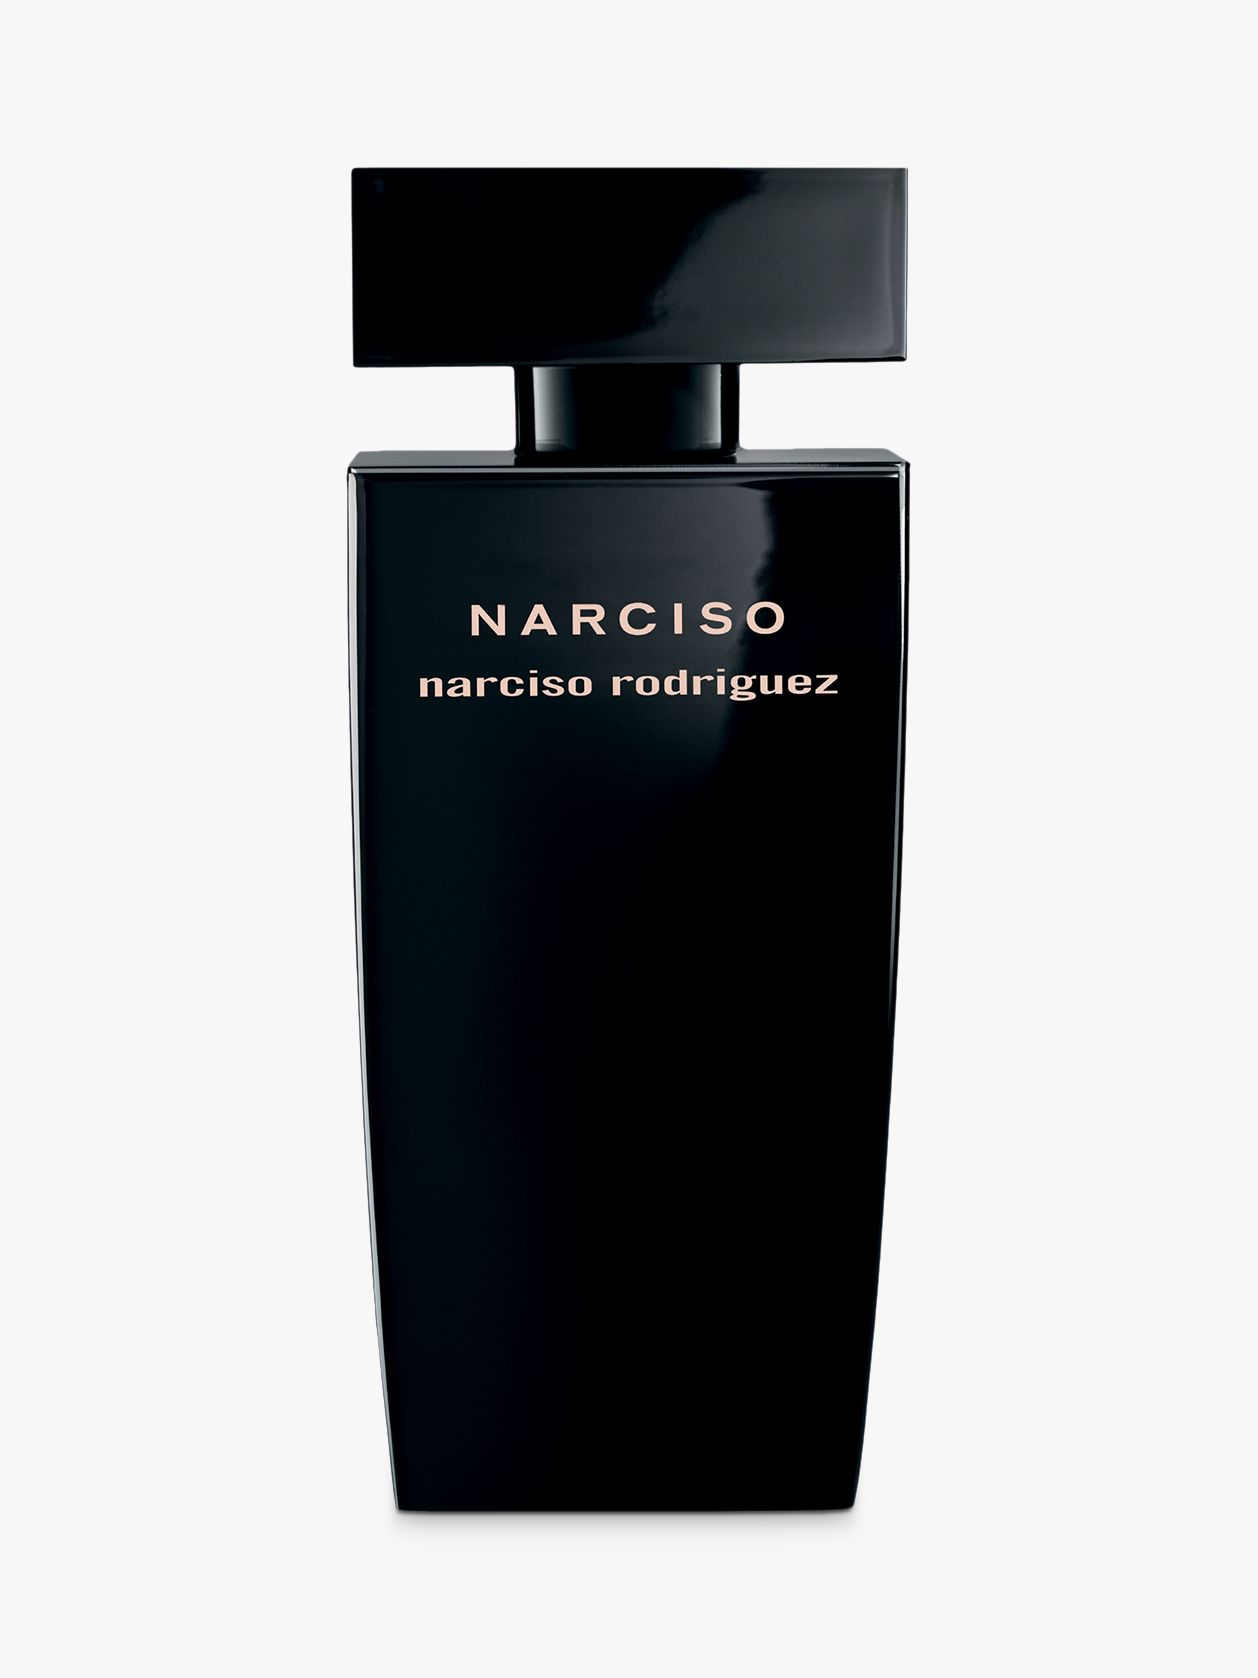 Narciso Rodriguez Narciso Rodriguez Generous Spray Eau de Parfum Poudrée, 75ml